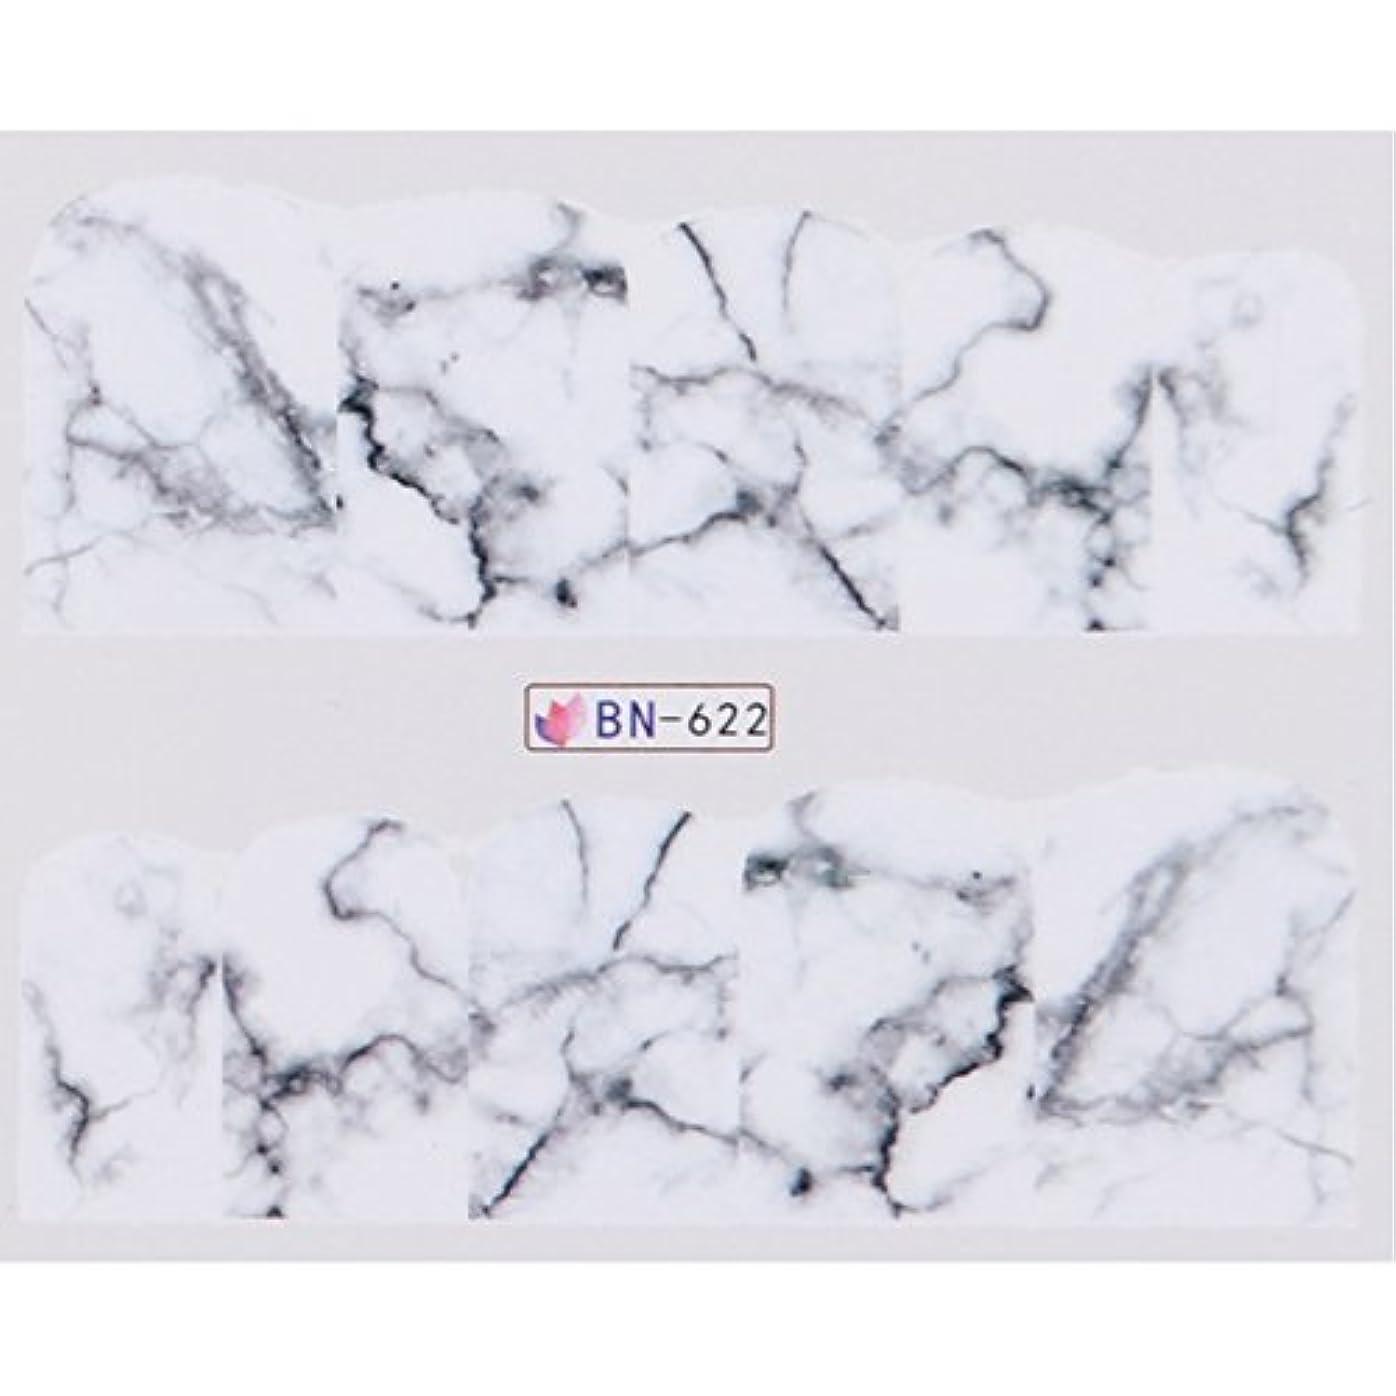 ネイルホイル ネイル転印シール ネイルシール ネイルステッカー ネイルデコ ネイルアート 1PCS白黒グラデーション大理石ネイルアートステッカー水転送デカール透かしスライダマニキュアフルラップツールの装飾